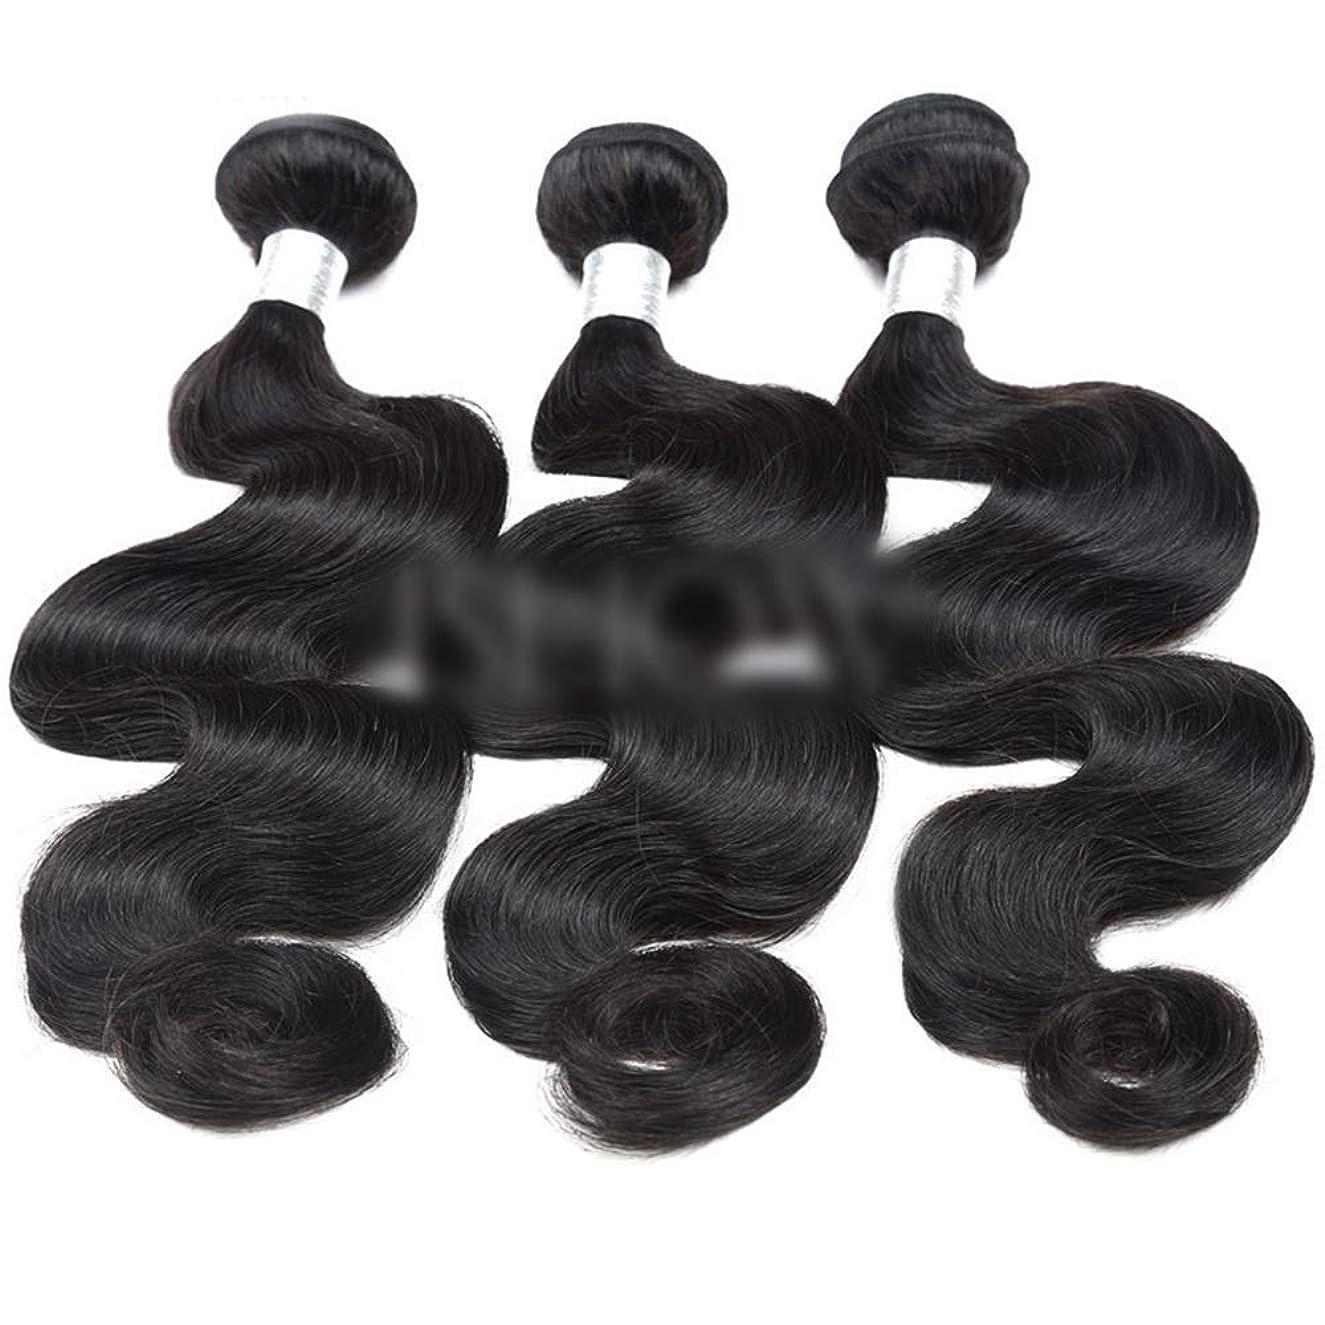 調整可能二度壊すYESONEEP 8インチ-24インチブラジルリアル人間の髪バンドル実体波カーリーヘアエクステンション用女性ナチュラルカラービッグウェーブかつら (色 : 黒, サイズ : 12 inch)